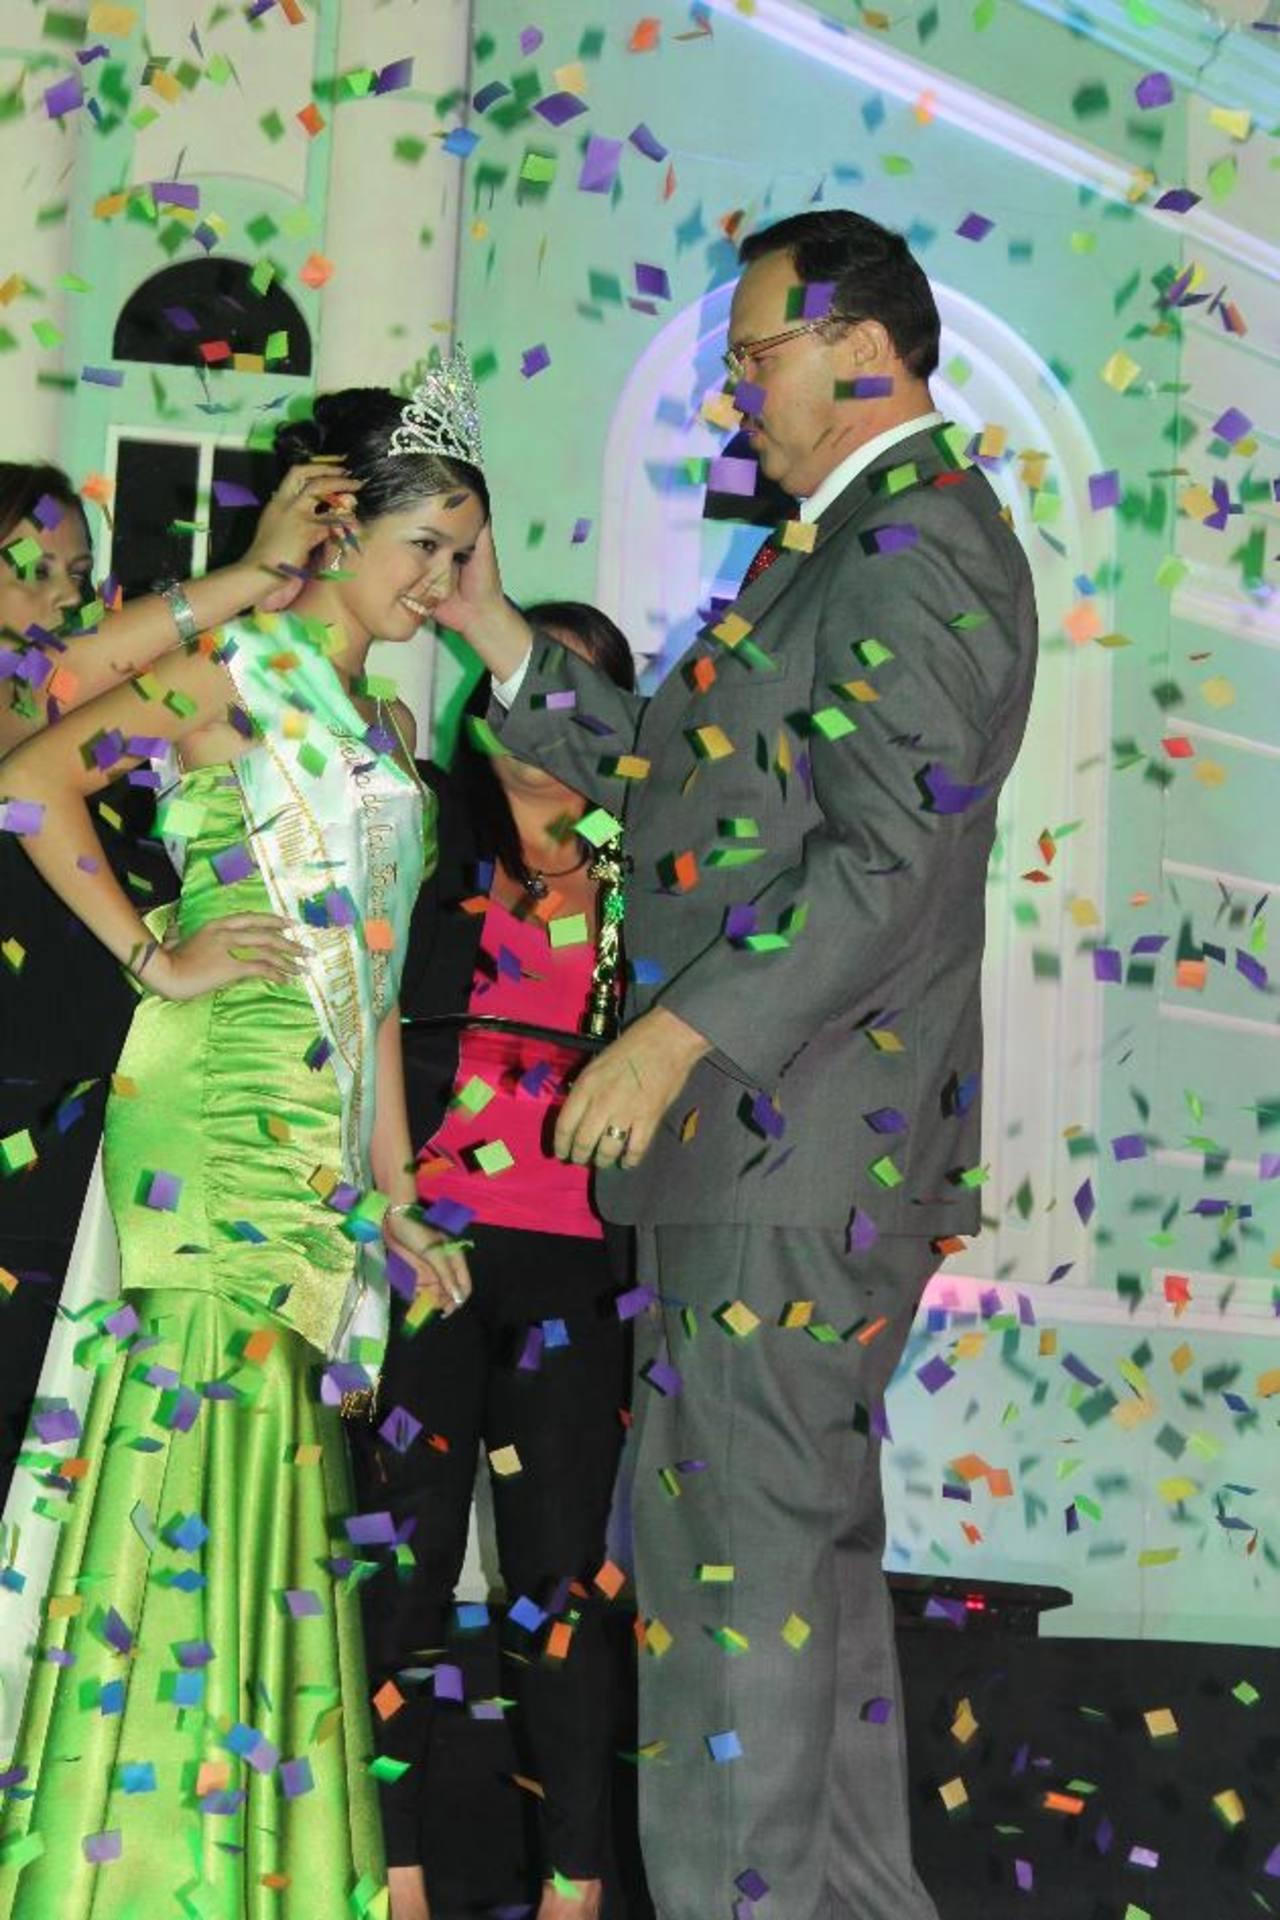 La nueva soberana de las fiestas ahuachapanecas fue coronada por el edil Rafael Morán Orellana, la noche del sábado. Foto EDH / Roberto Díaz Zambrano